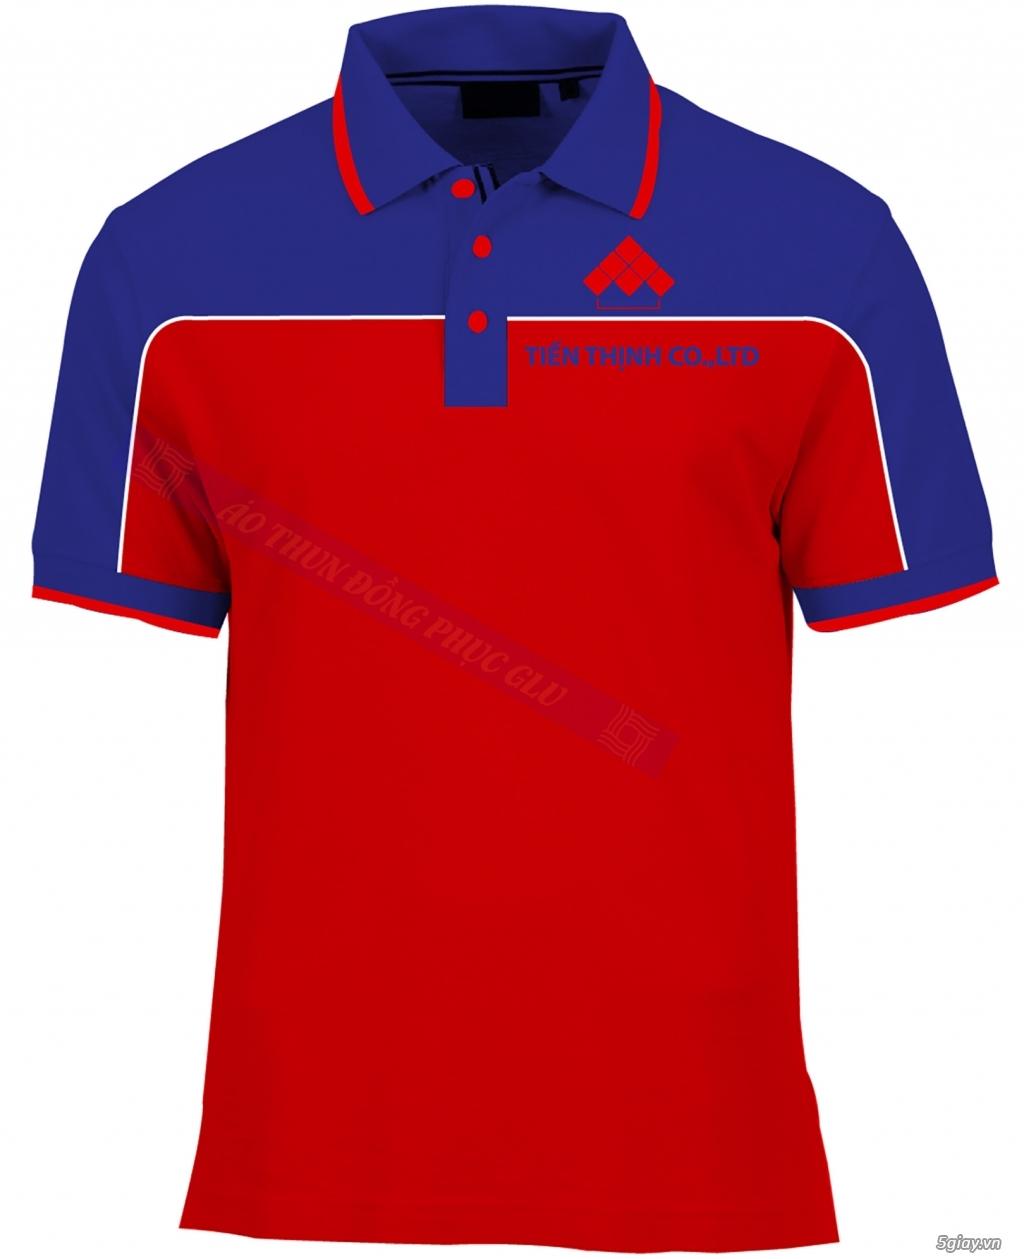 May áo thun đồng phục cao ty chất lượng, giá rẻ nhất TPHCM - 28